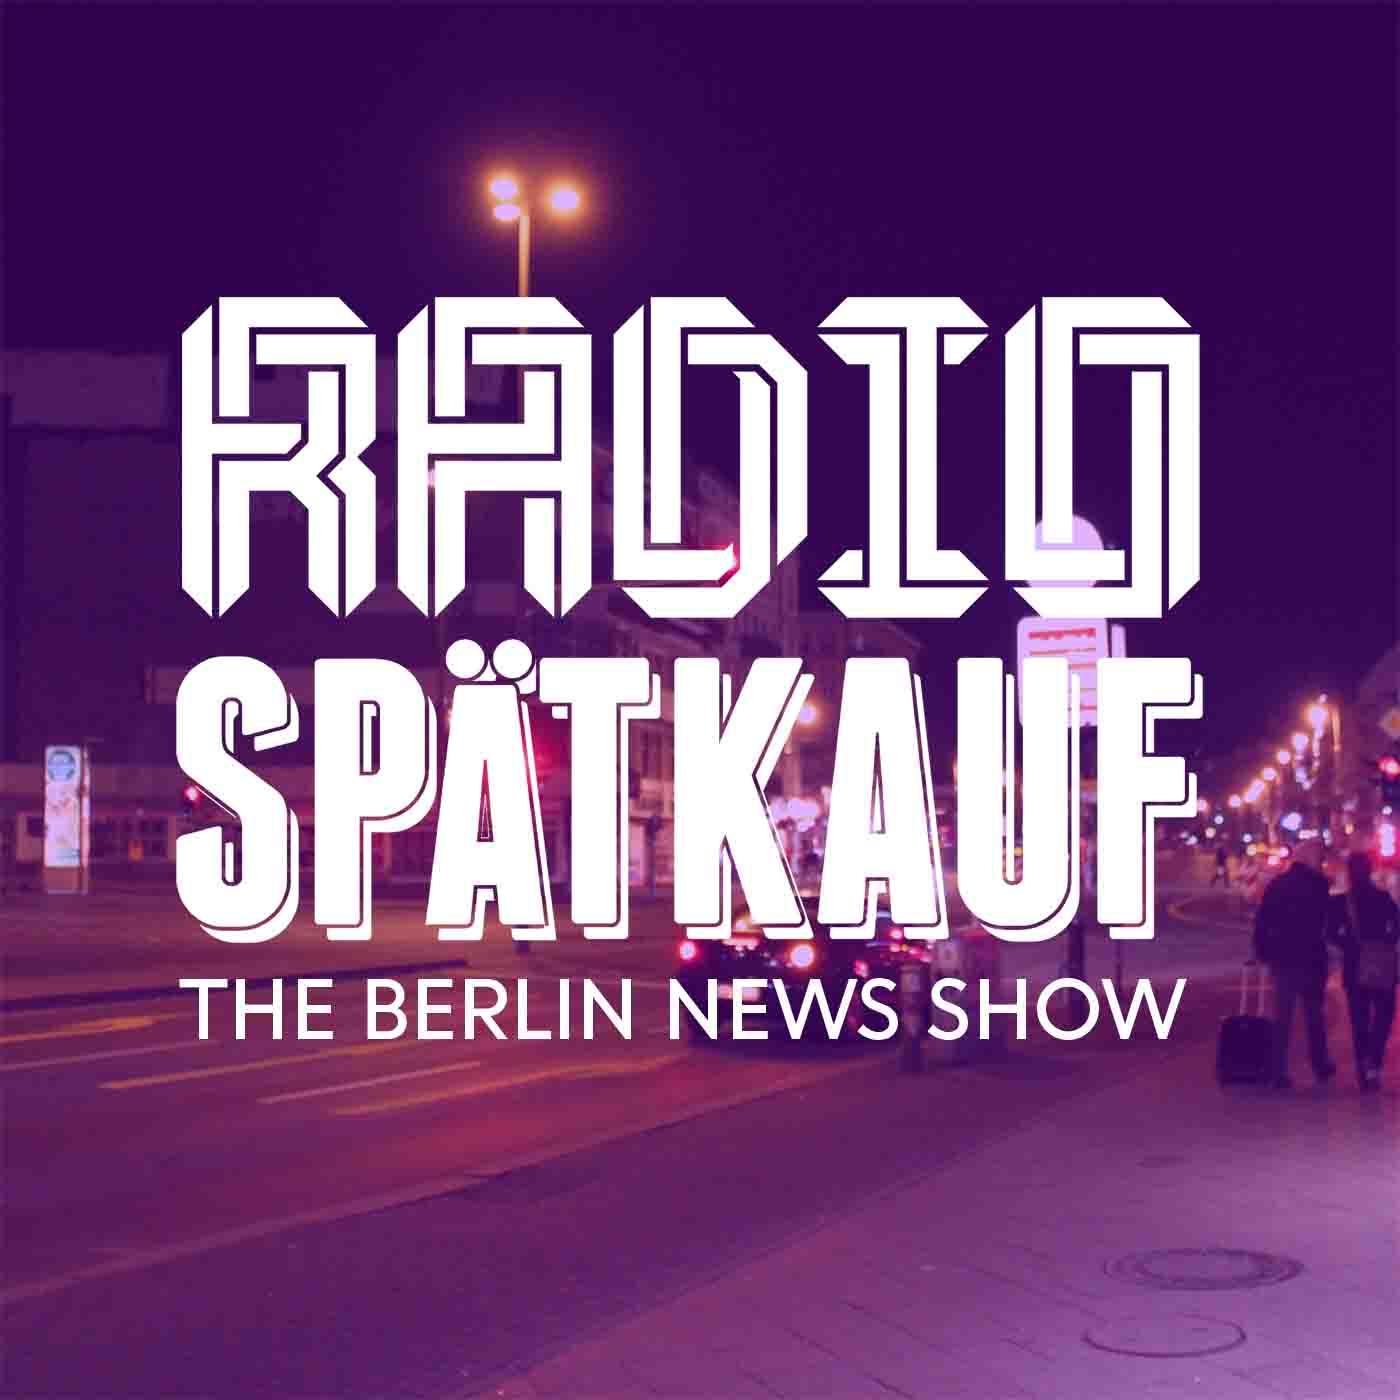 Radio Spaetkauf